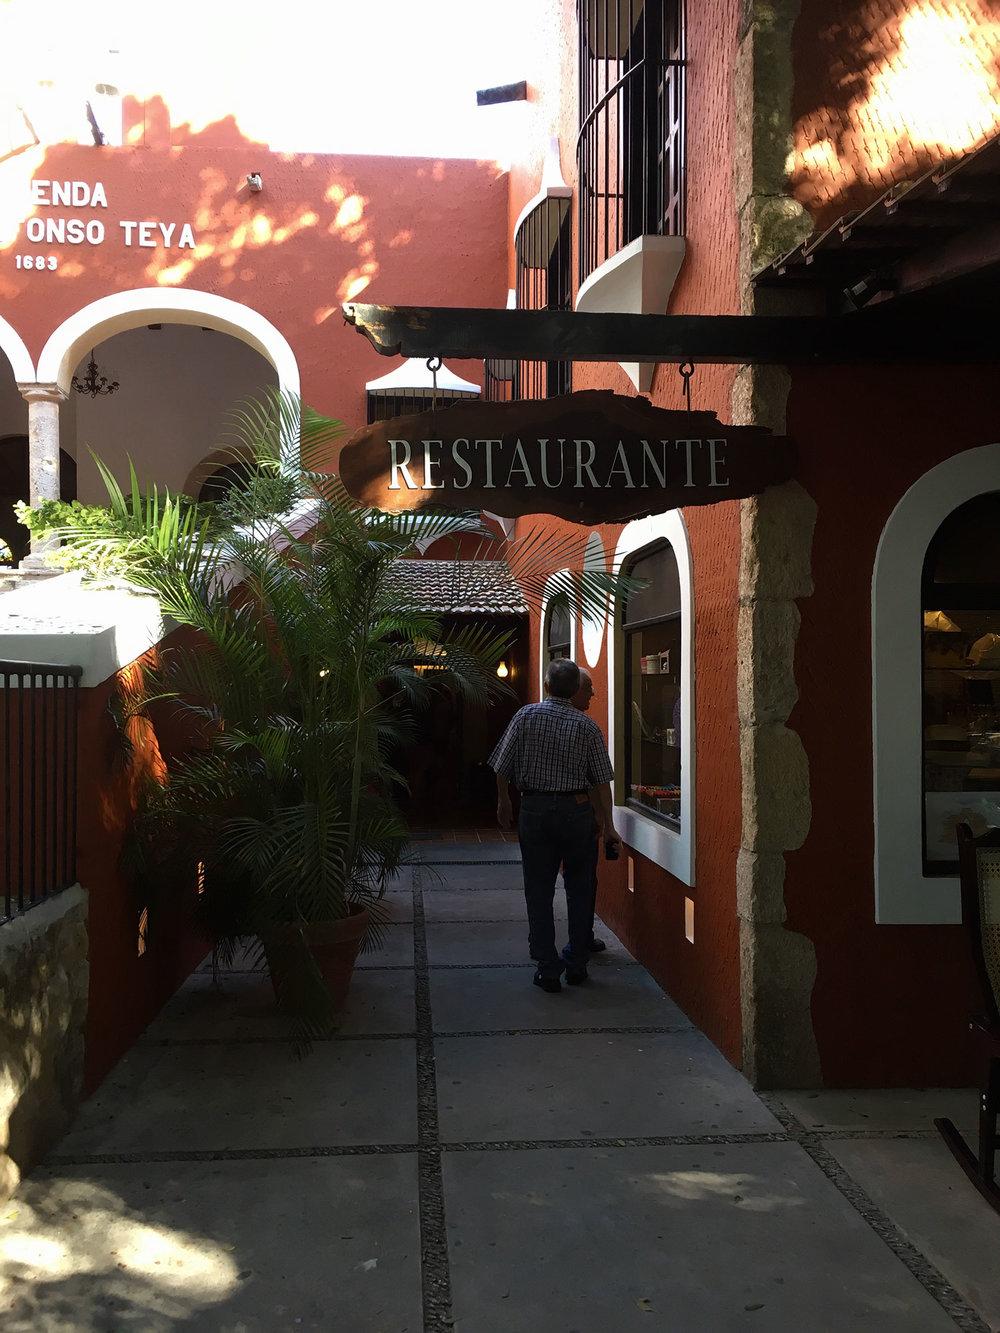 Hammocks_and_Ruins_Blog_Riviera_Maya_Mexico_Travel_Discover_Yucatan_What_to_do_Merida_Haciendas_Teya_29.jpg